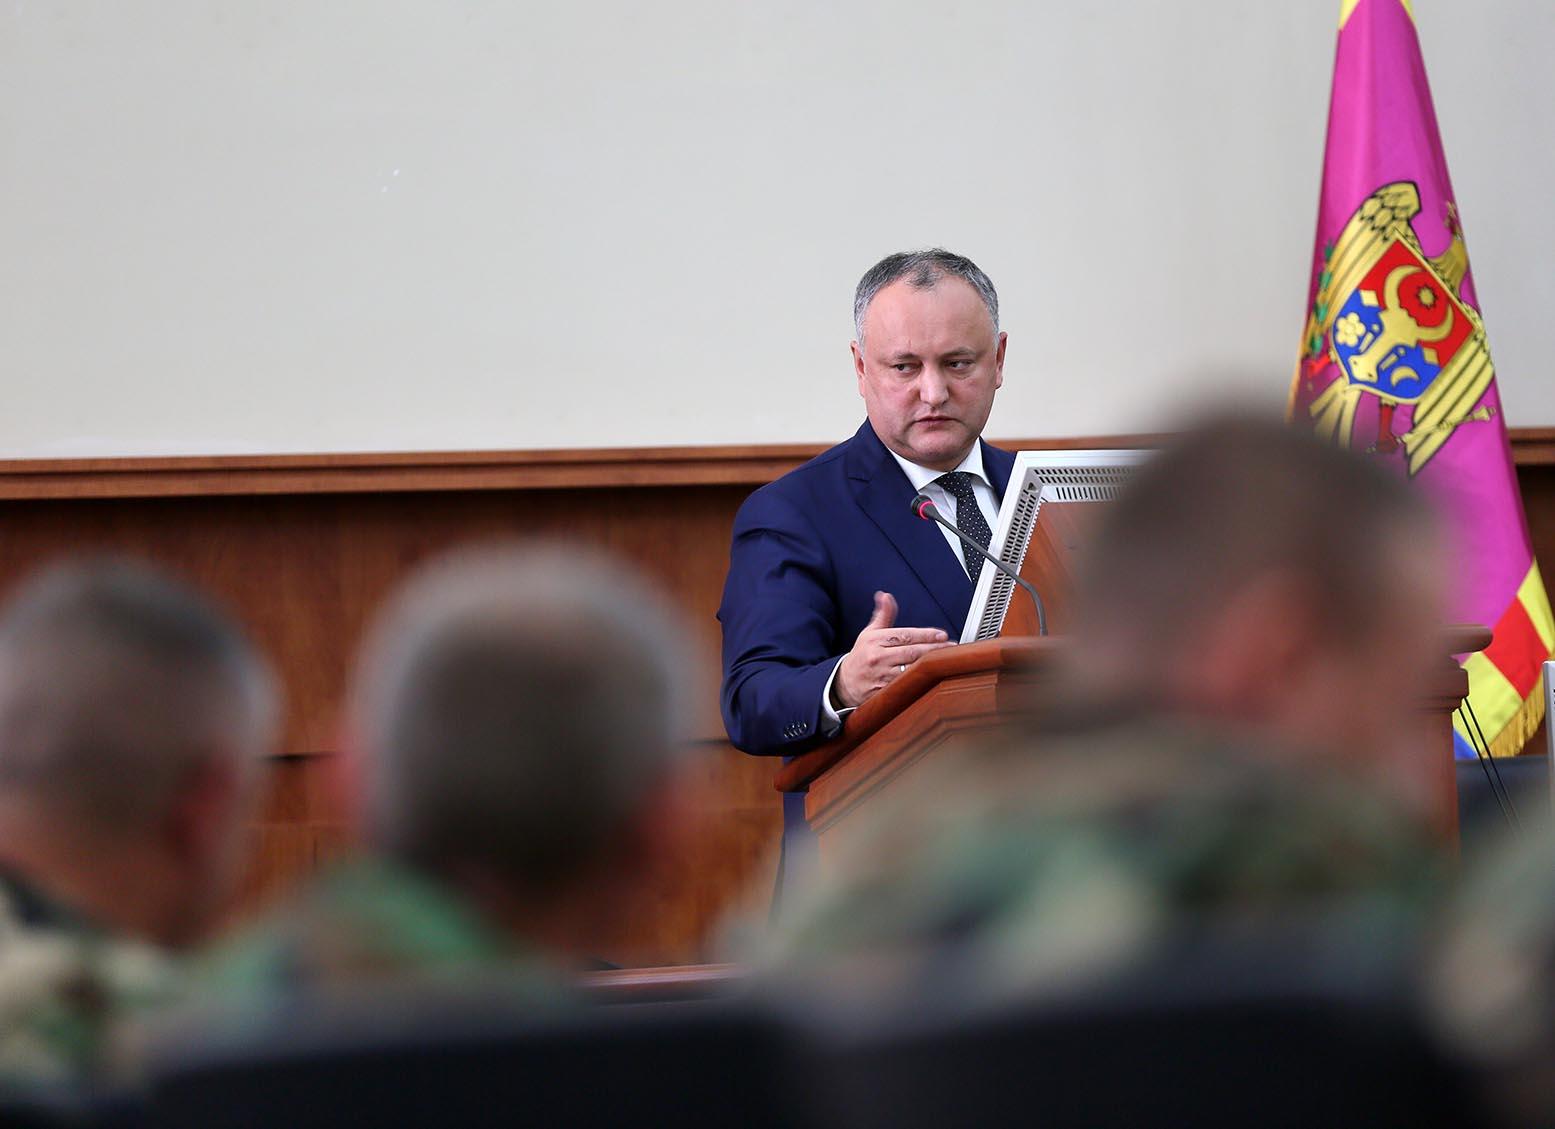 Впервые за последние 9 лет верховный главнокомандующий провел рабочее заседание с руководством Нацармии